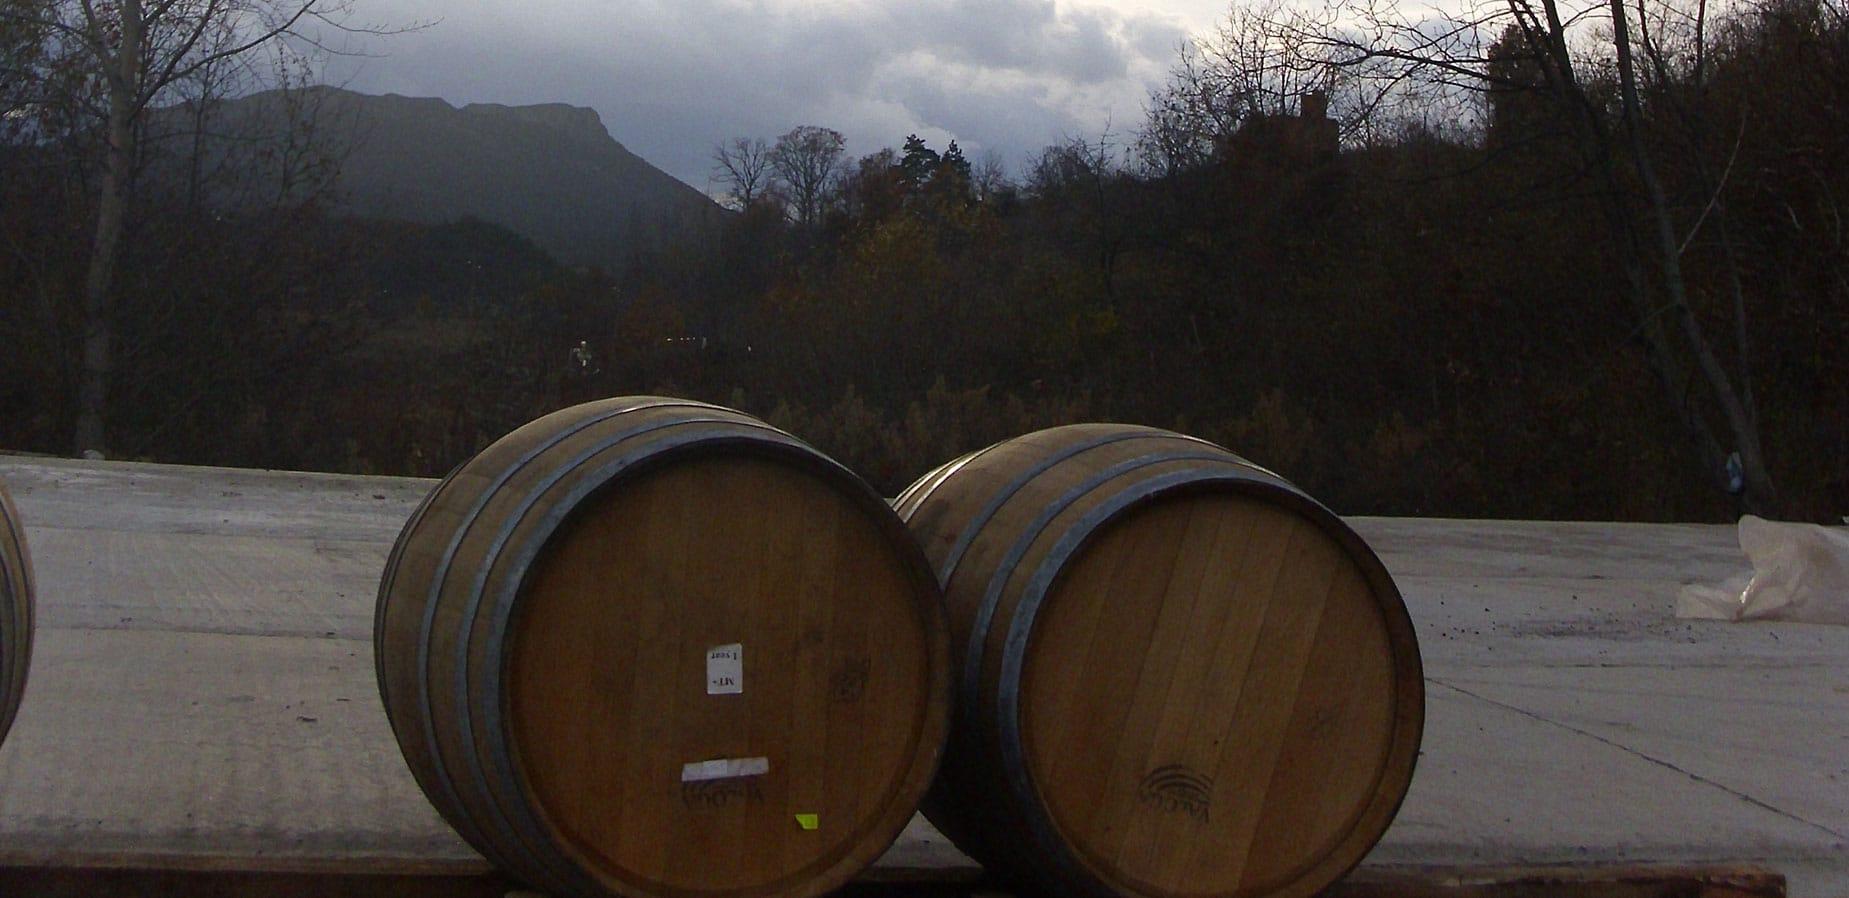 Borovitza winery